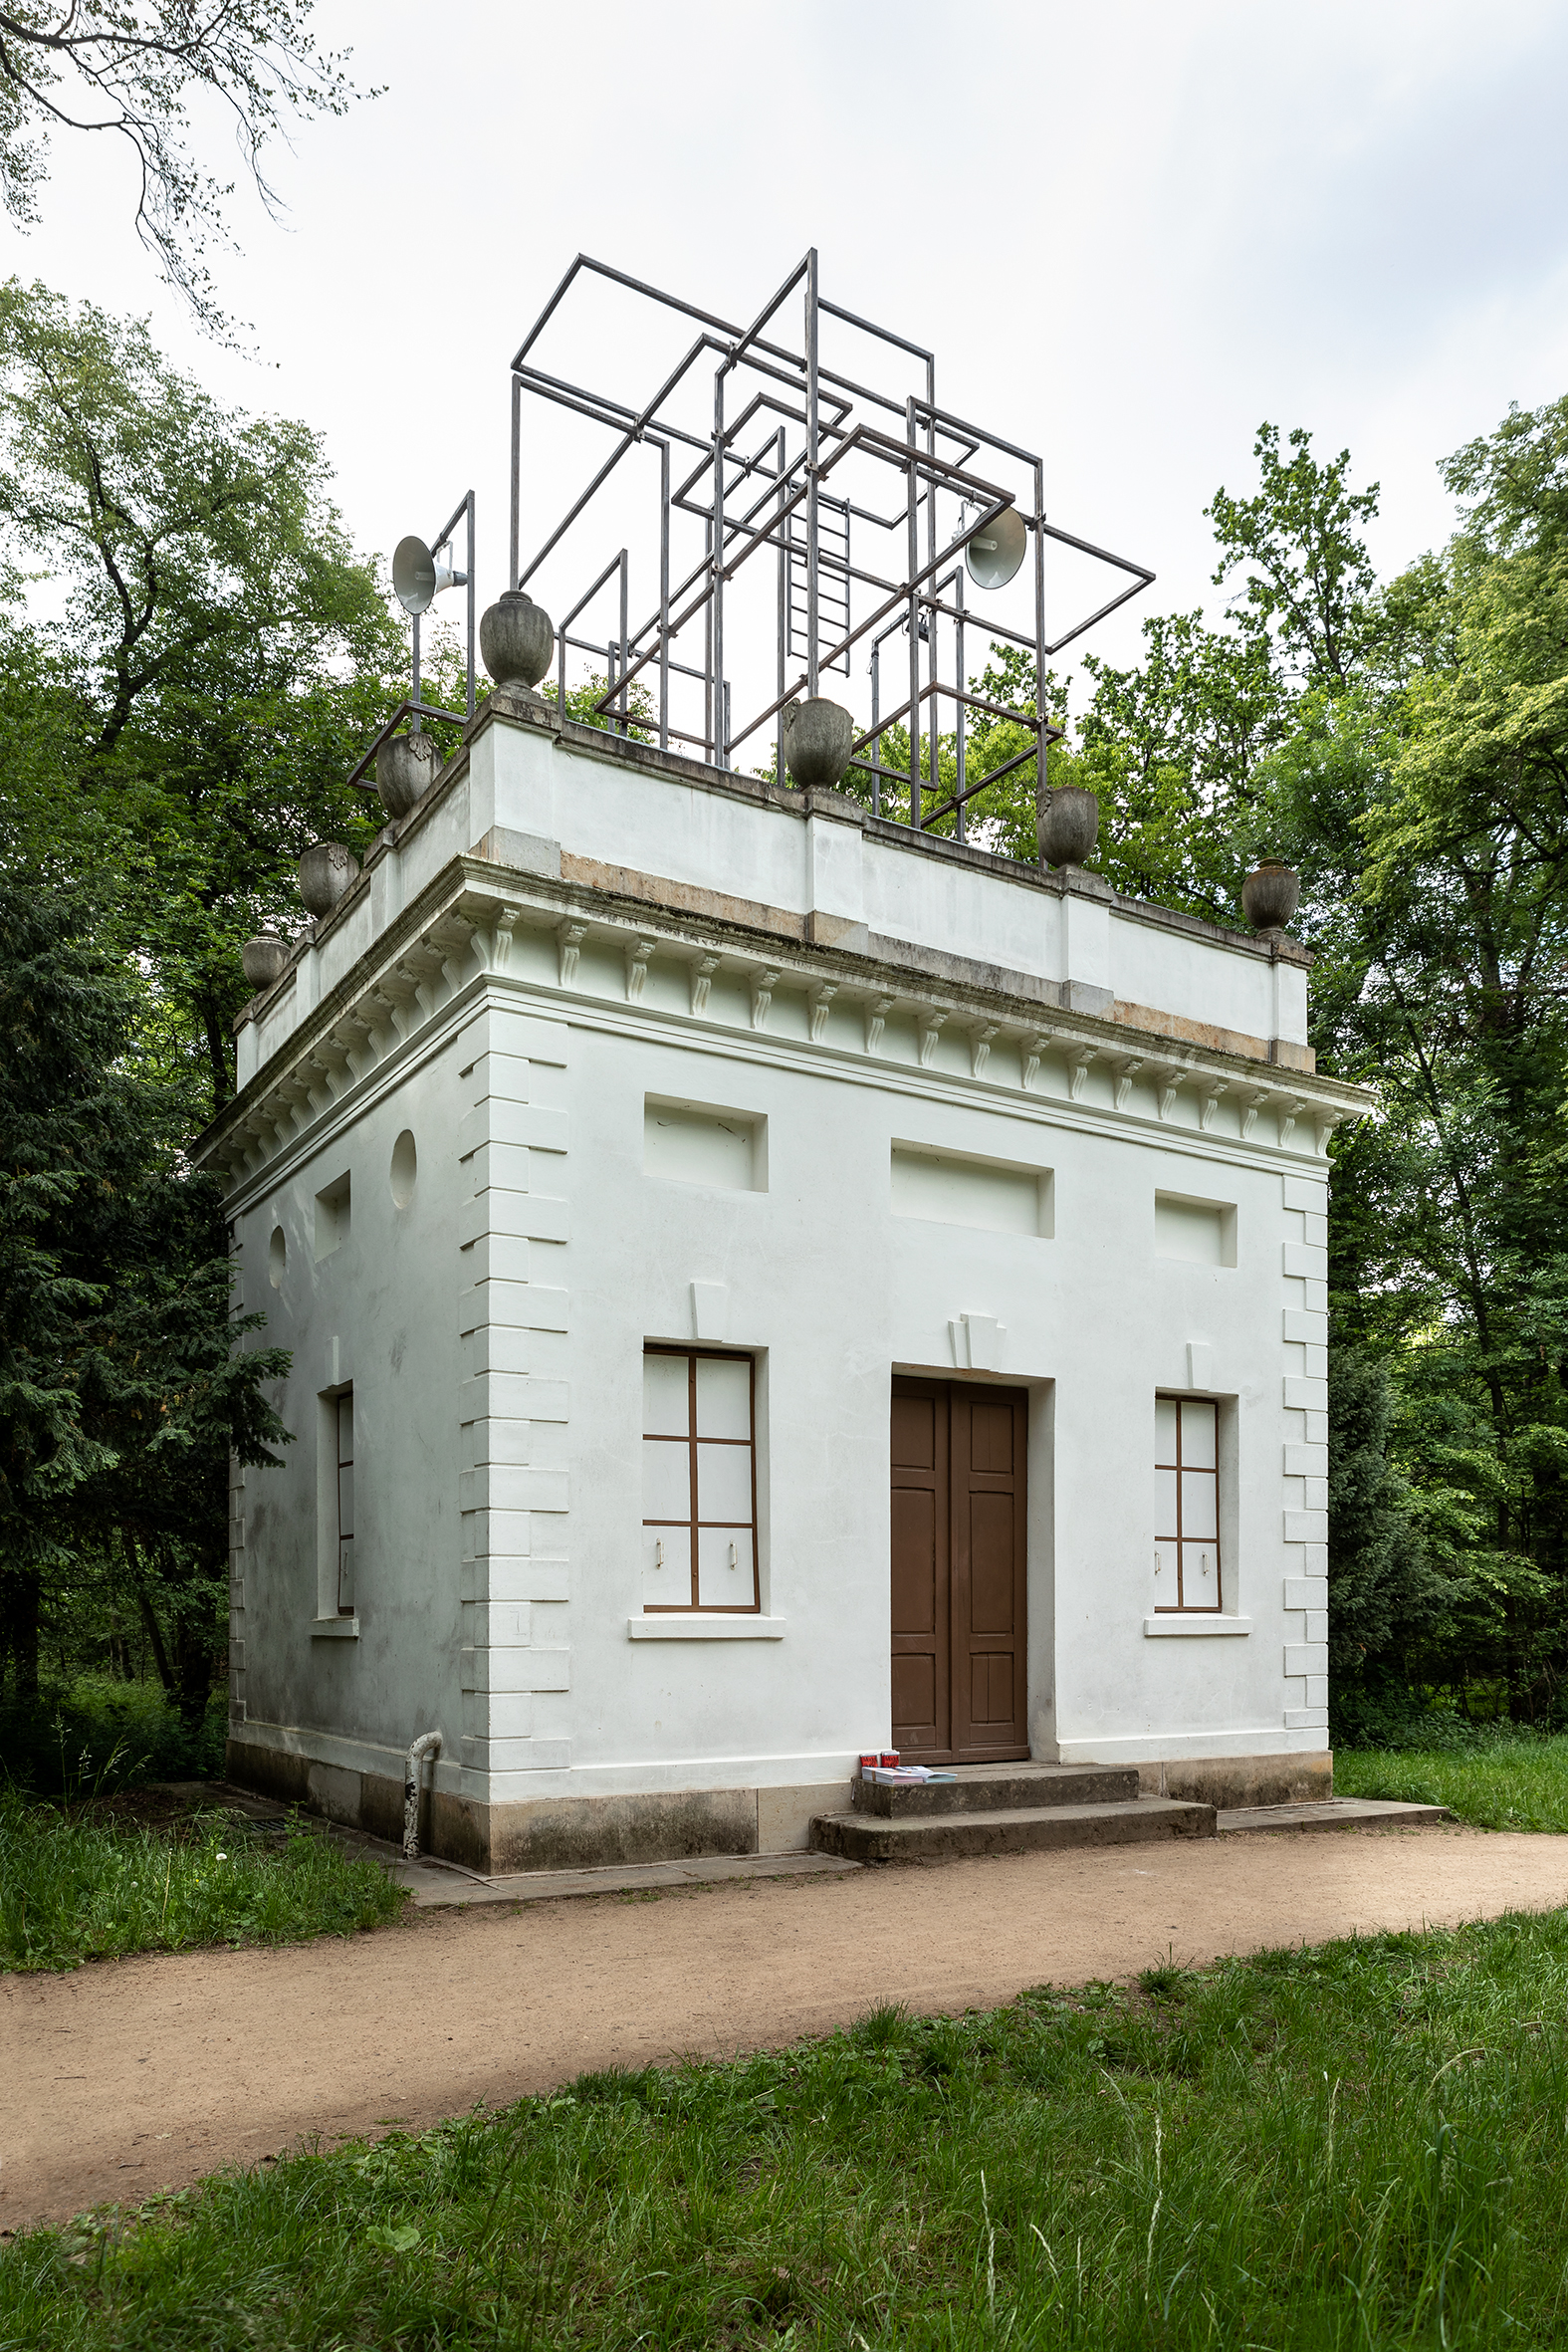 Matthias_Knoch_Werkleitz_2019_Modell-und-Ruine_368.jpg